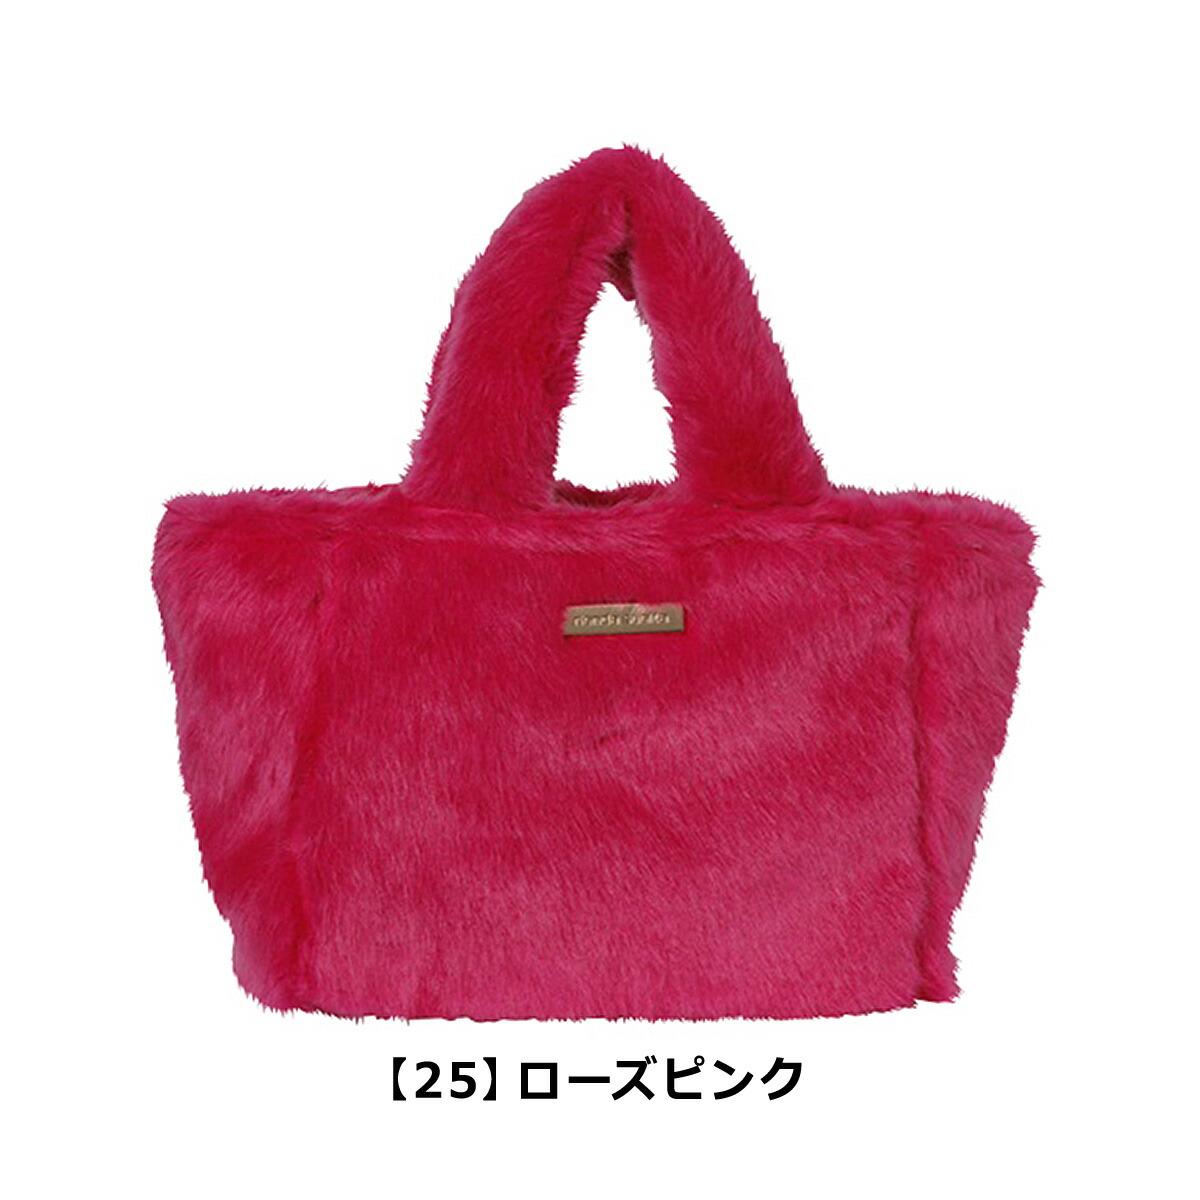 【25】ローズピンク